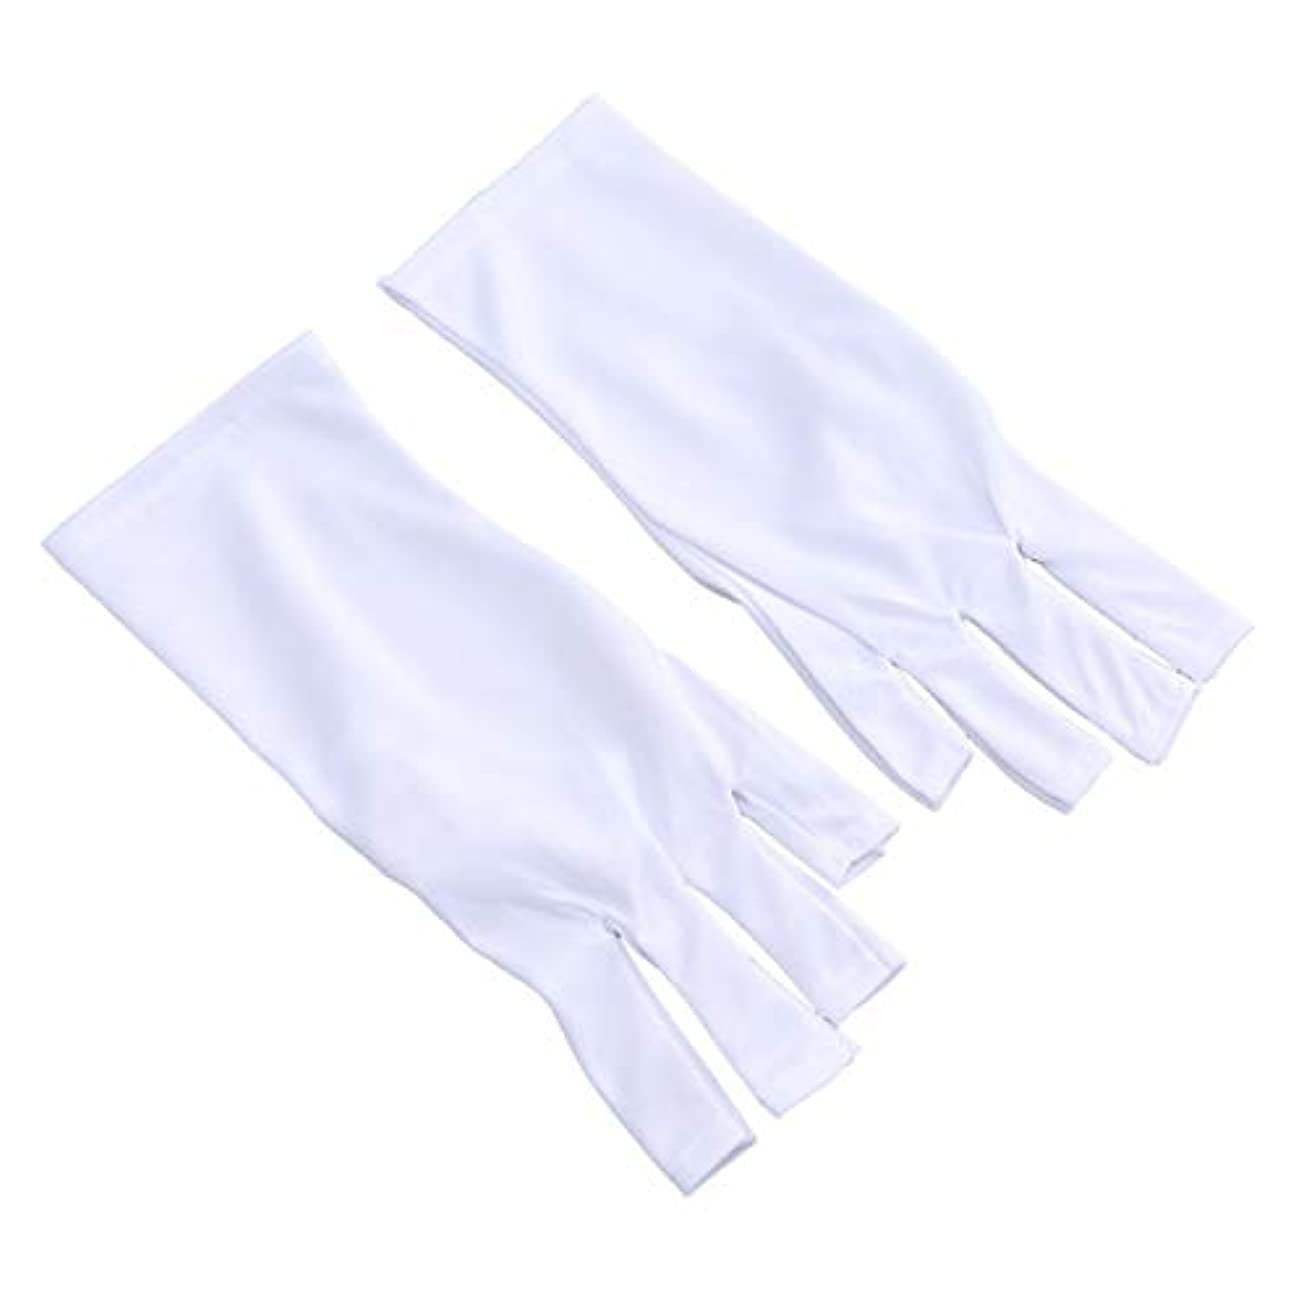 地区ゴミ箱を空にする胃Healify 抗uv手袋 手袋 ネイルアー 放射線防護 マニキュアドライヤーツール 1ペア (25 CMショートホワイトUVグローブ)